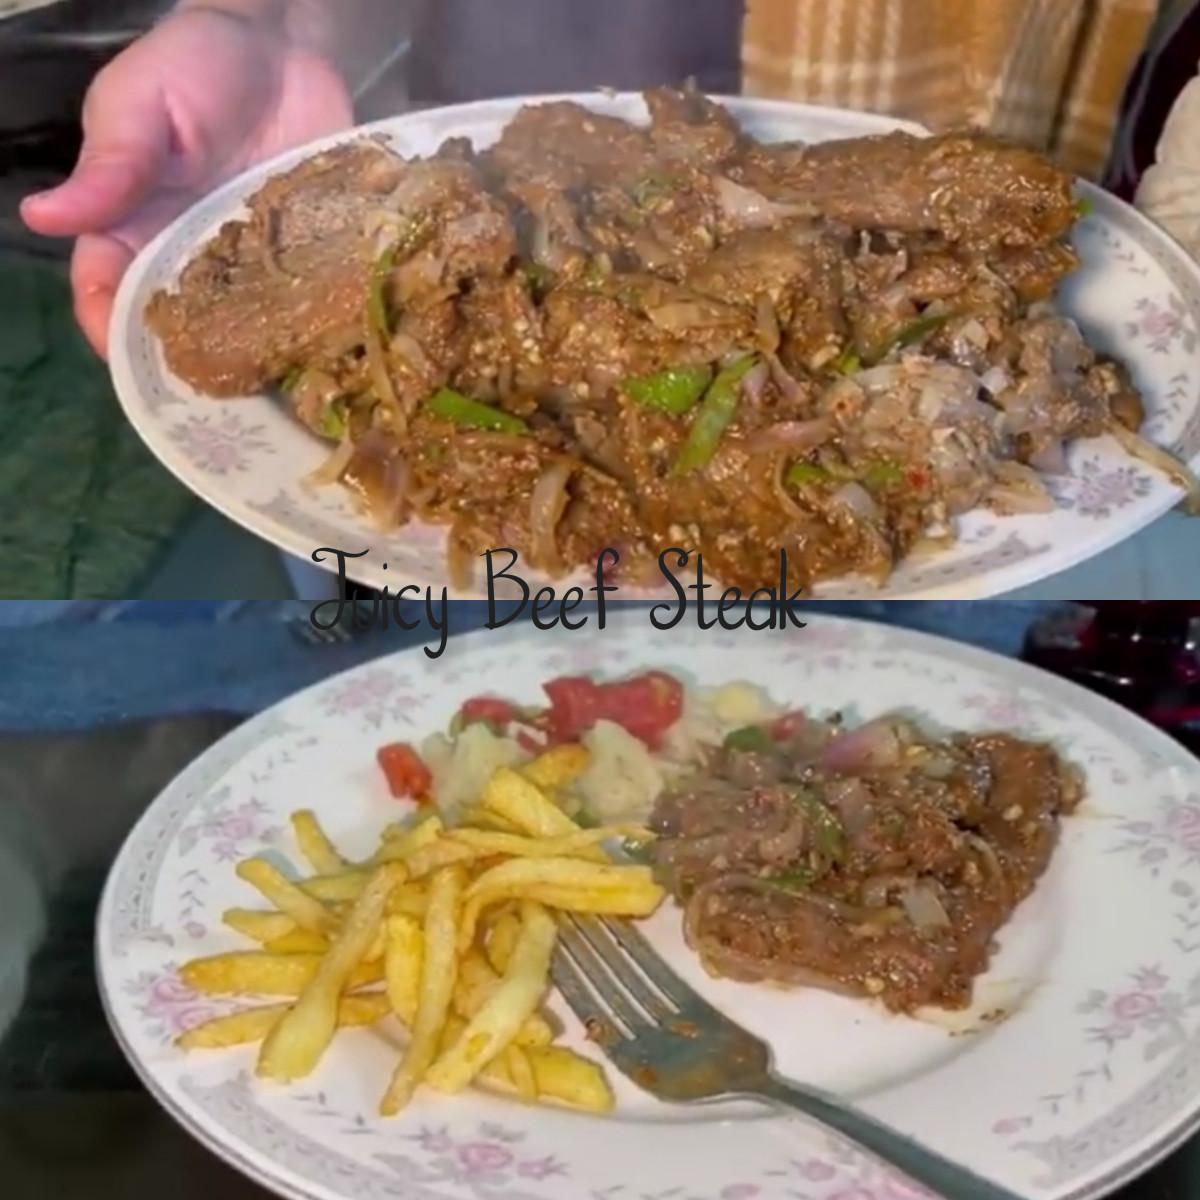 Juicy and Tender Beef Steak homemade Recipe